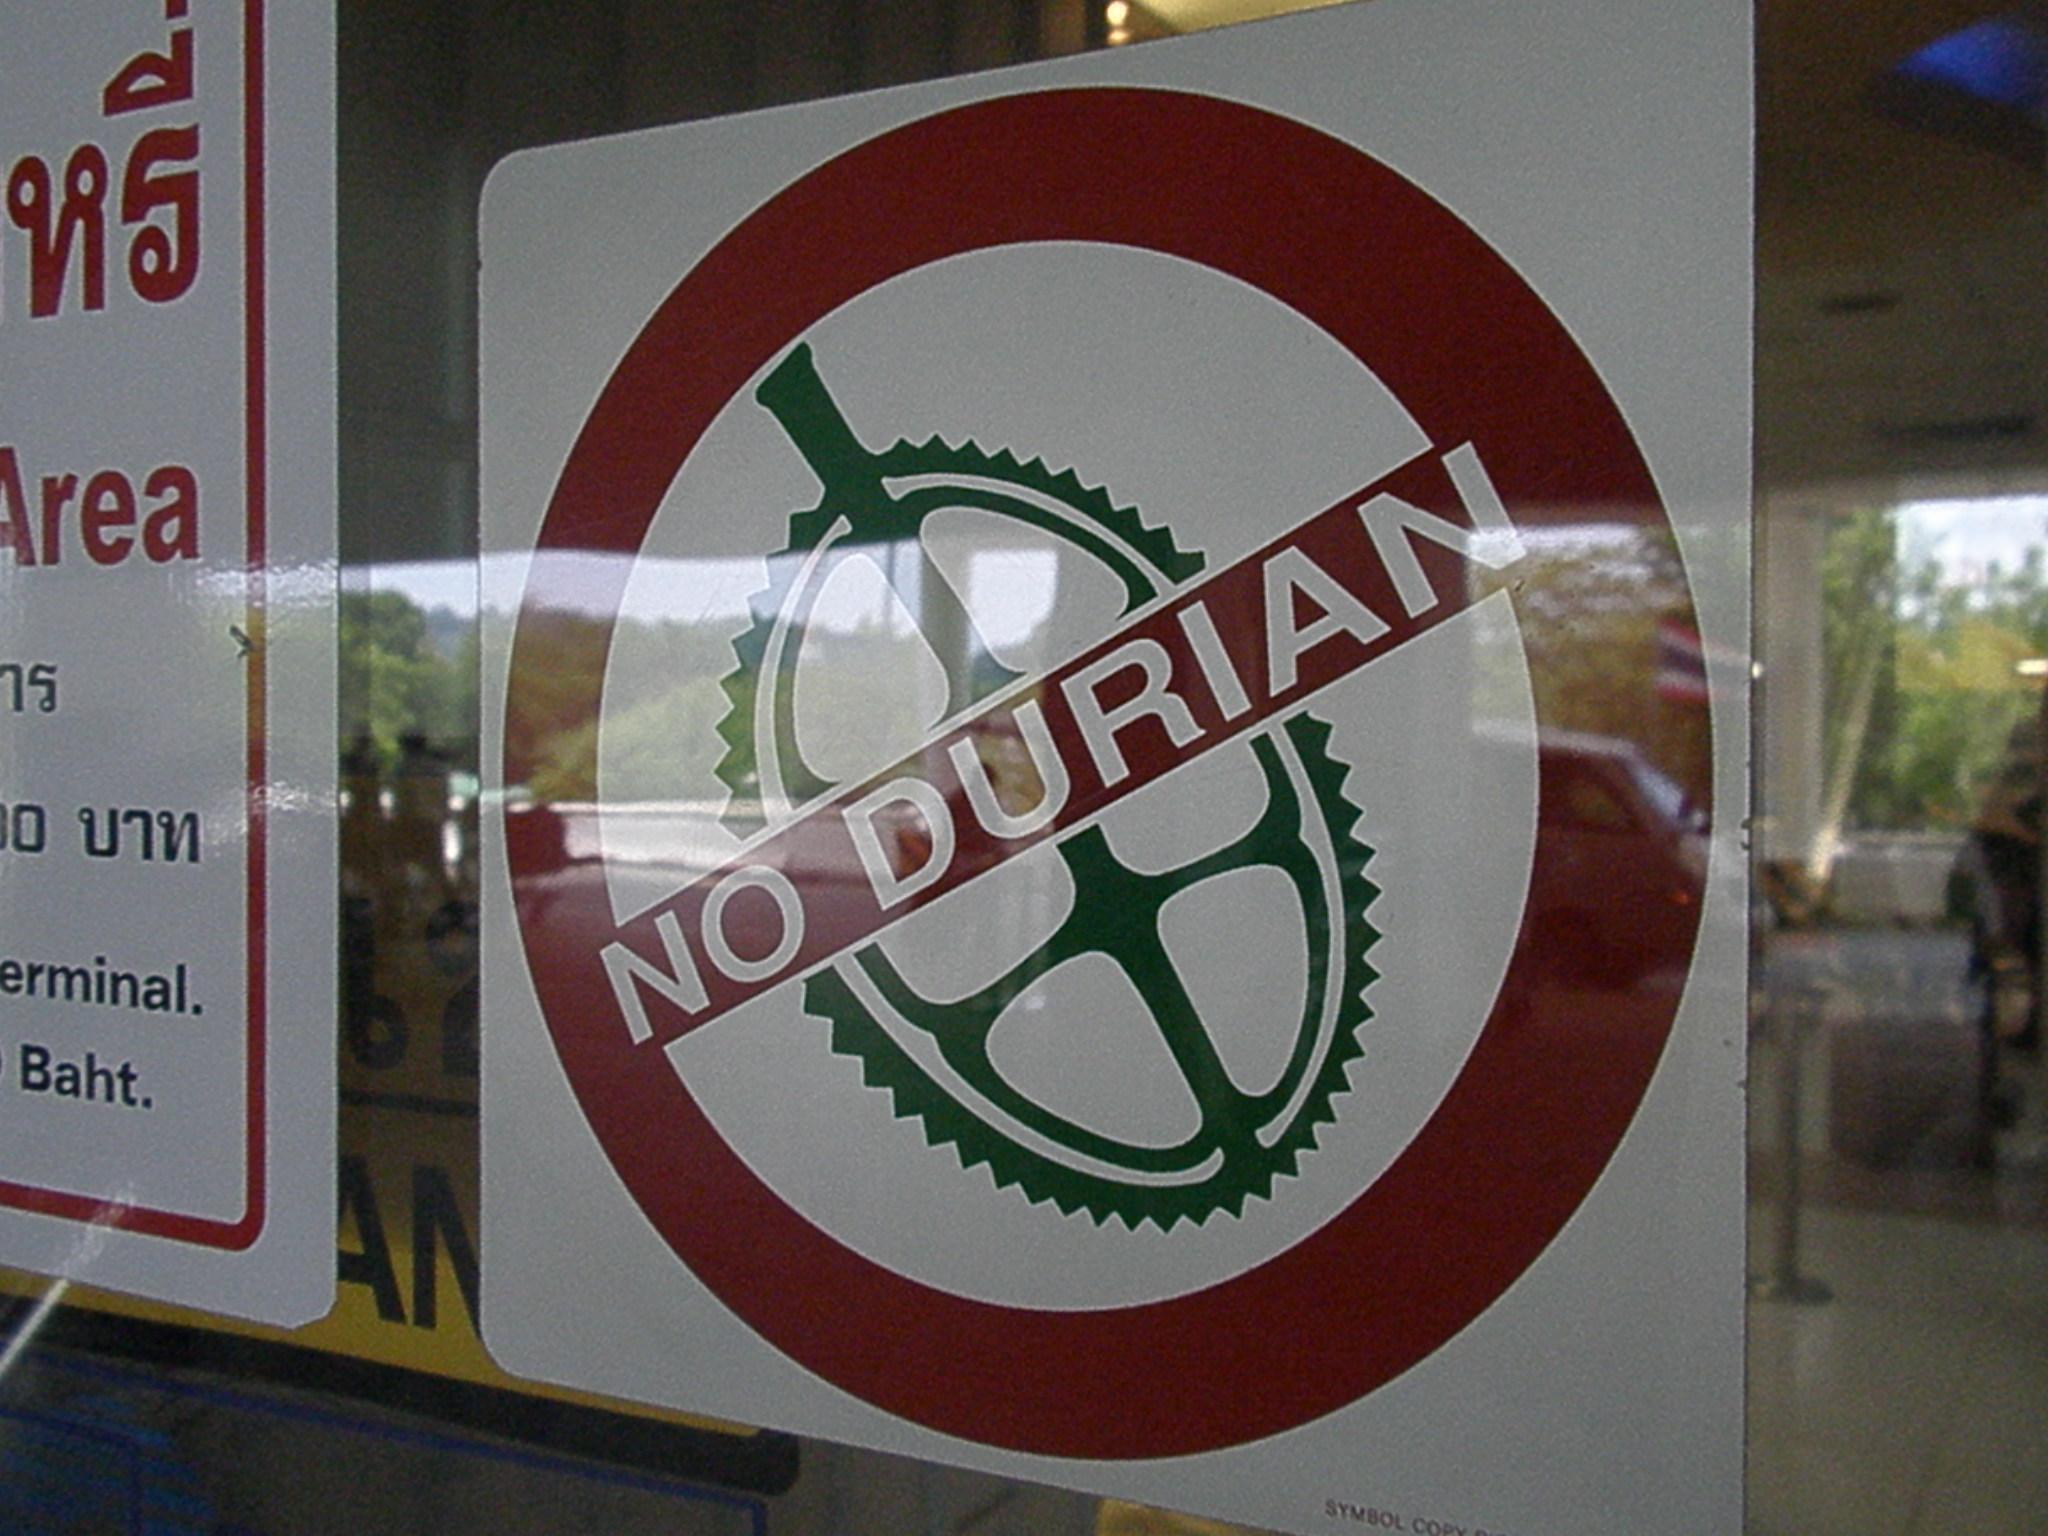 Placa proibindo a fruta de entrar no estabelecimento (Foto: Matheus Pinheiro de Oliveira e Silva)